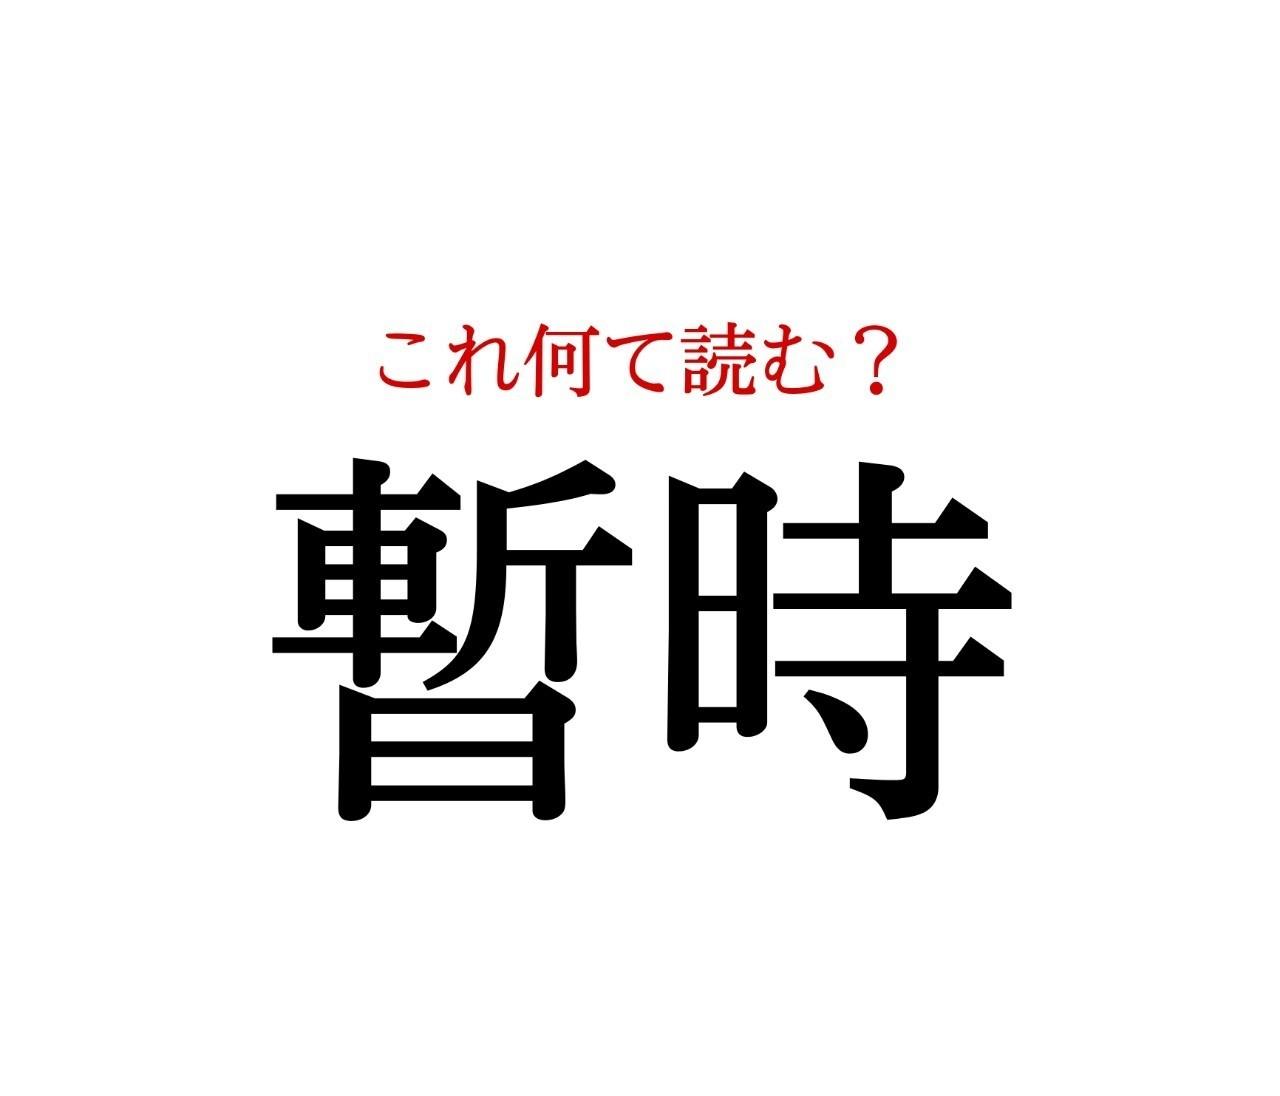 「暫時」:この漢字、自信を持って読めますか?【働く大人の漢字クイズvol.228】